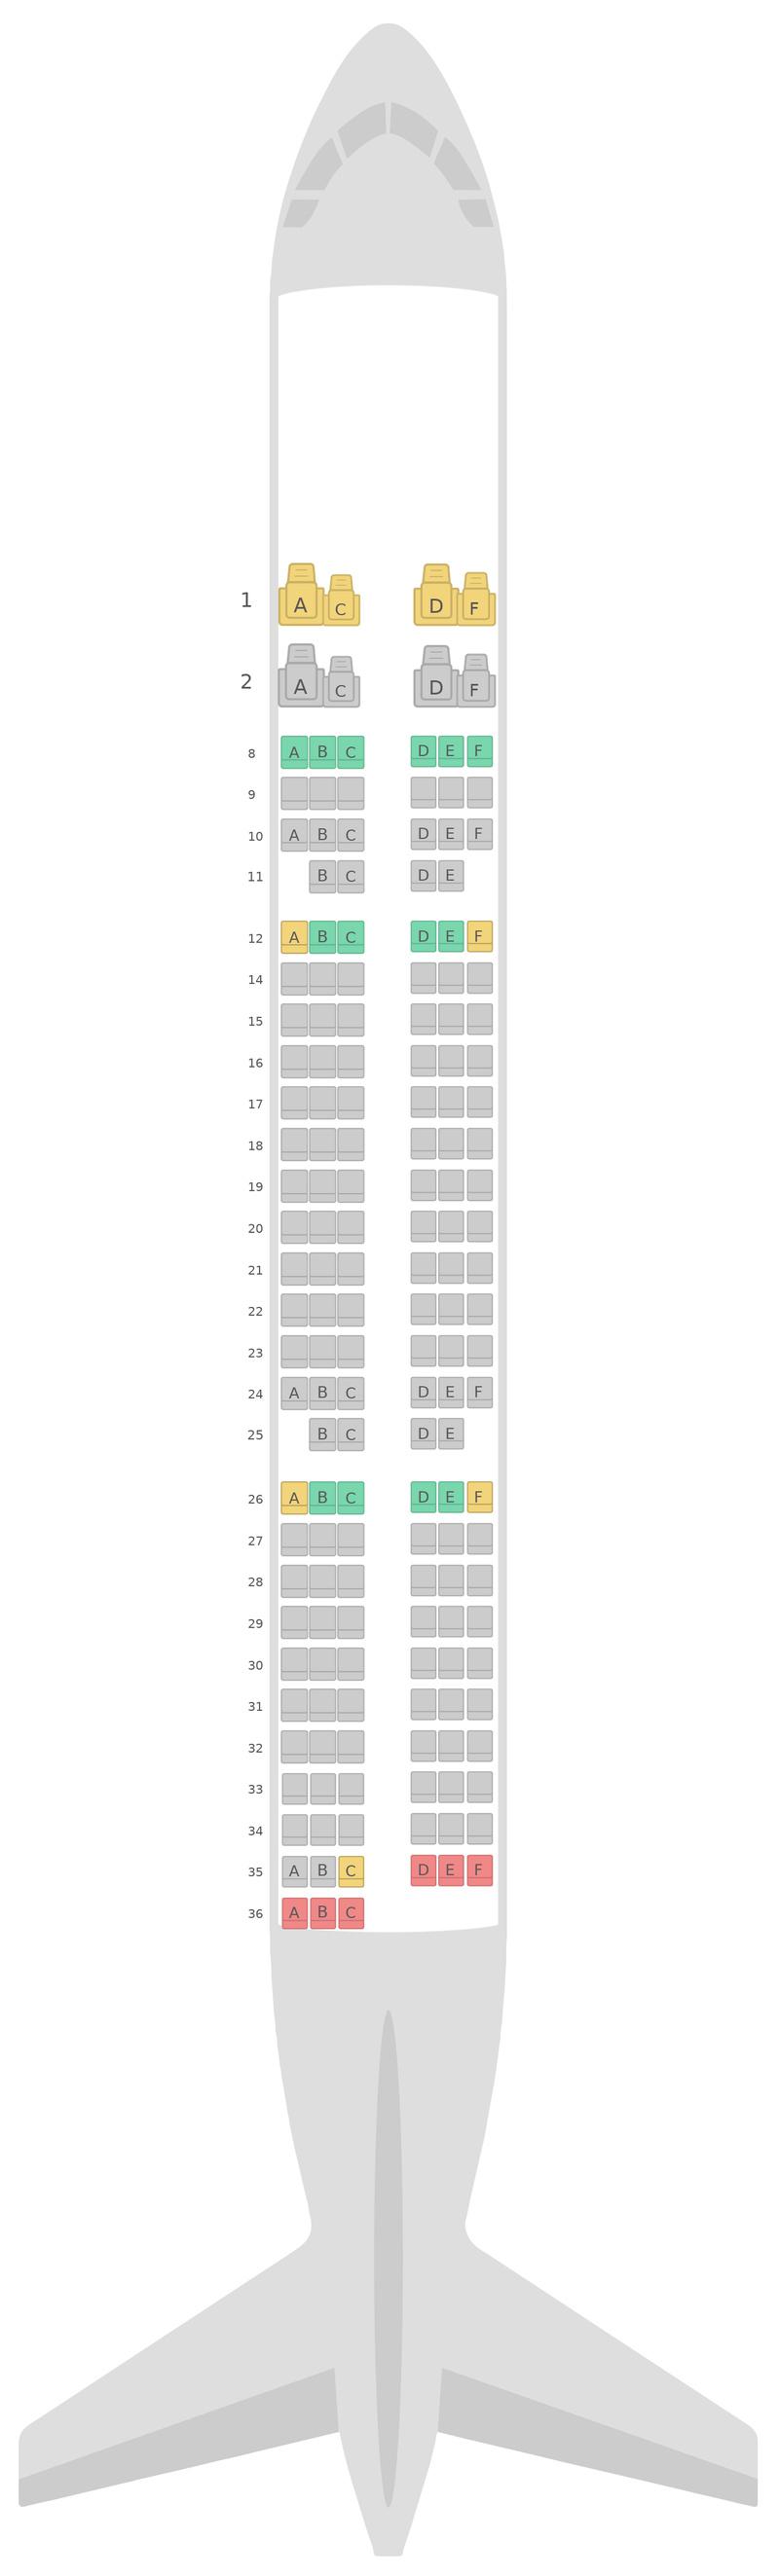 Sitzplan Airbus A321 Gulf Air